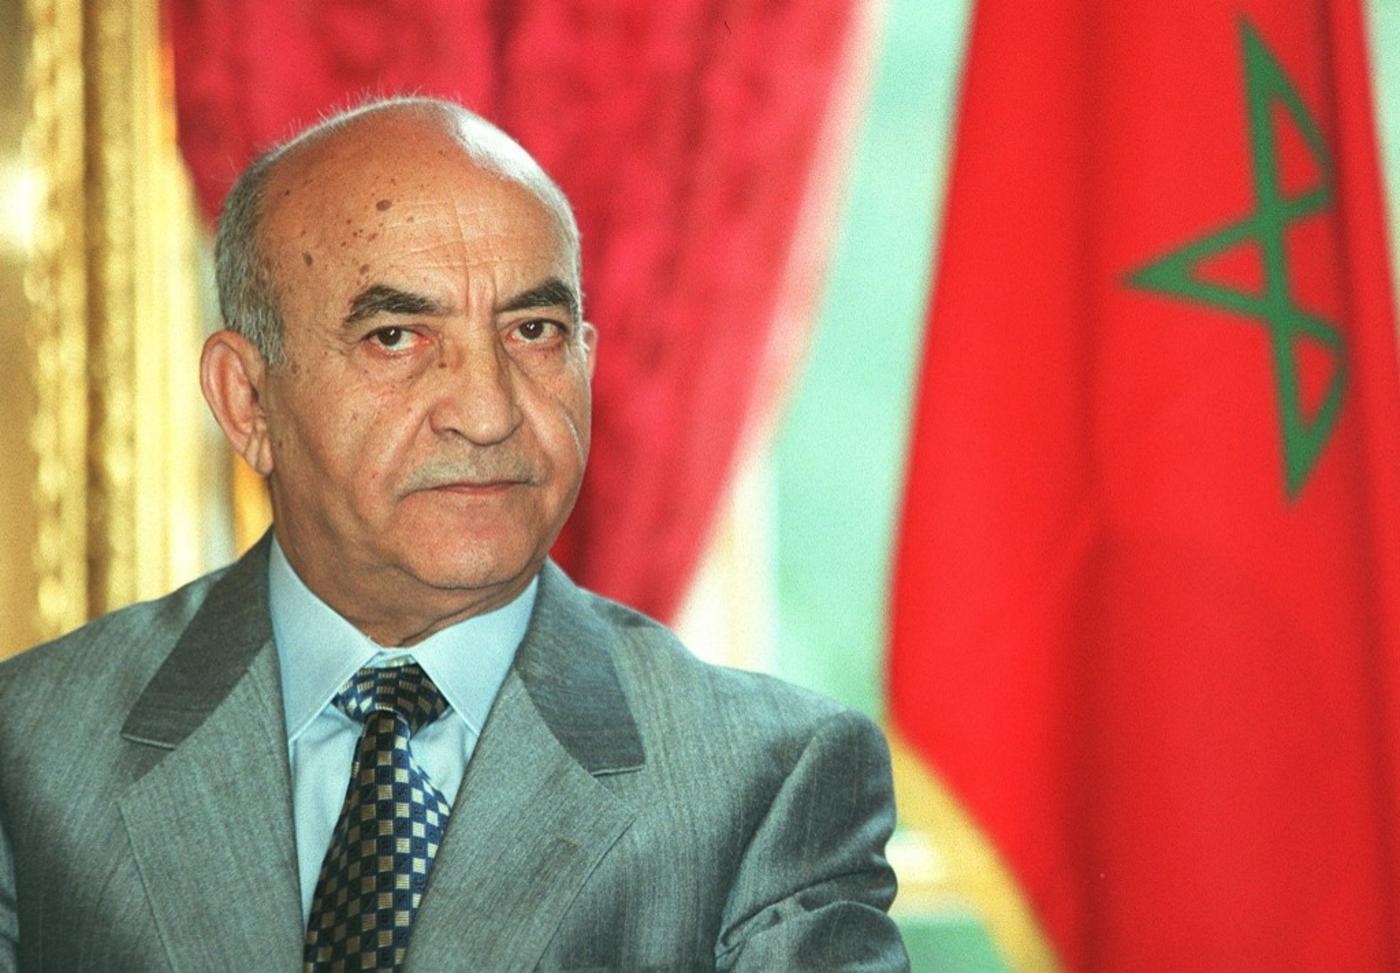 L'ex-Premier ministre marocain, Abderrahman Youssoufi le 2 octobre 1998 à l'hôtel de Matignon à Paris (AFP)